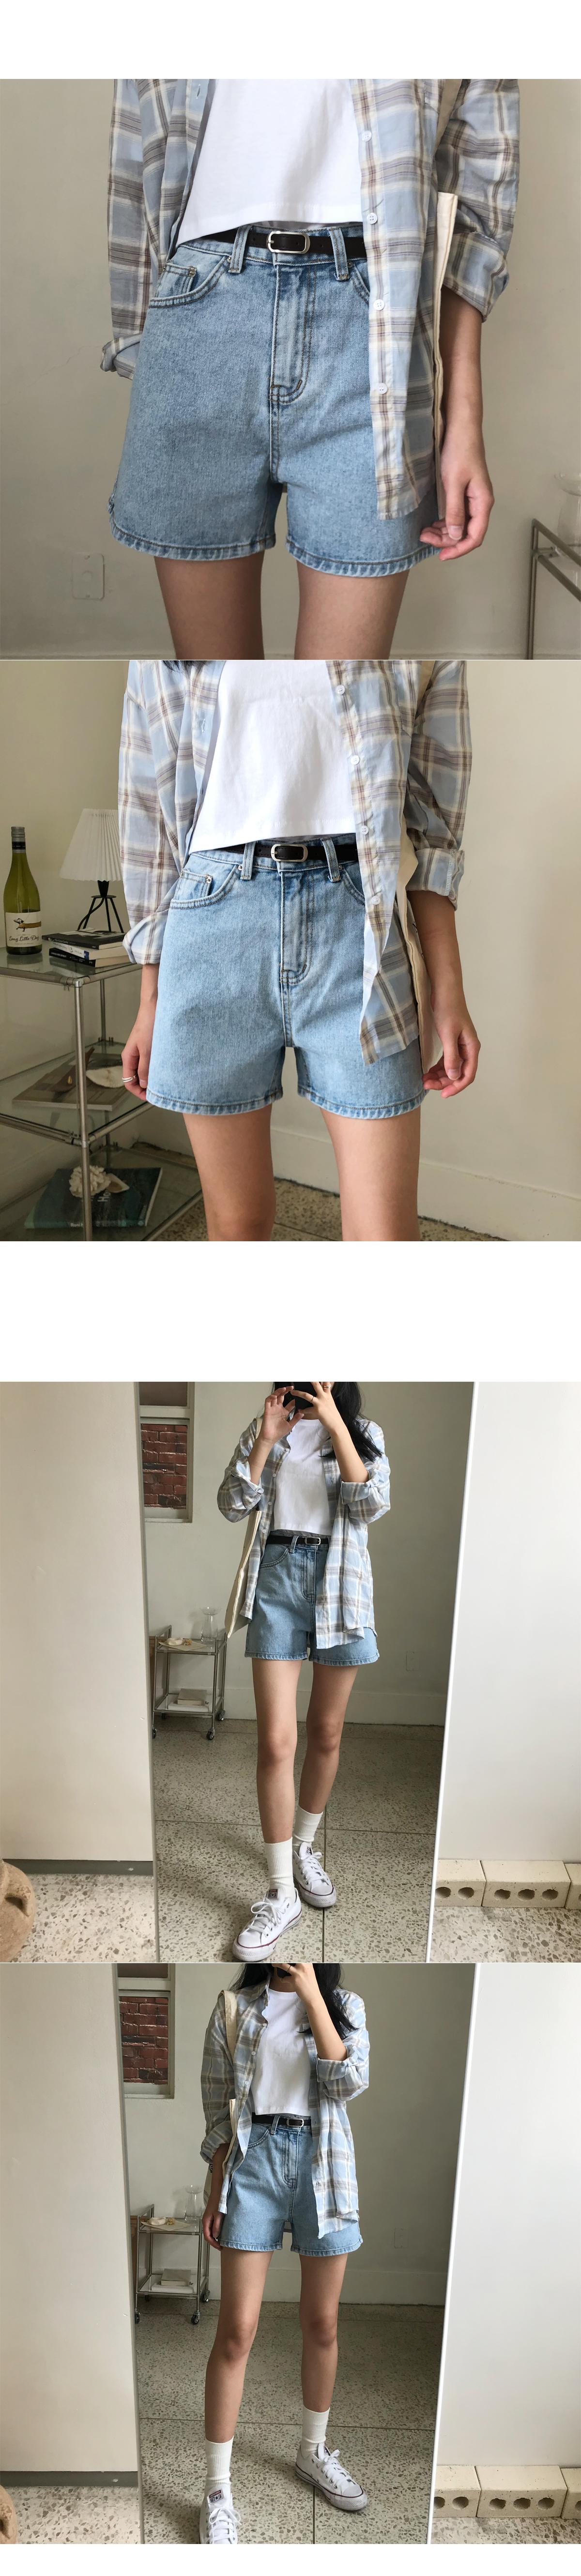 earl gray jeans